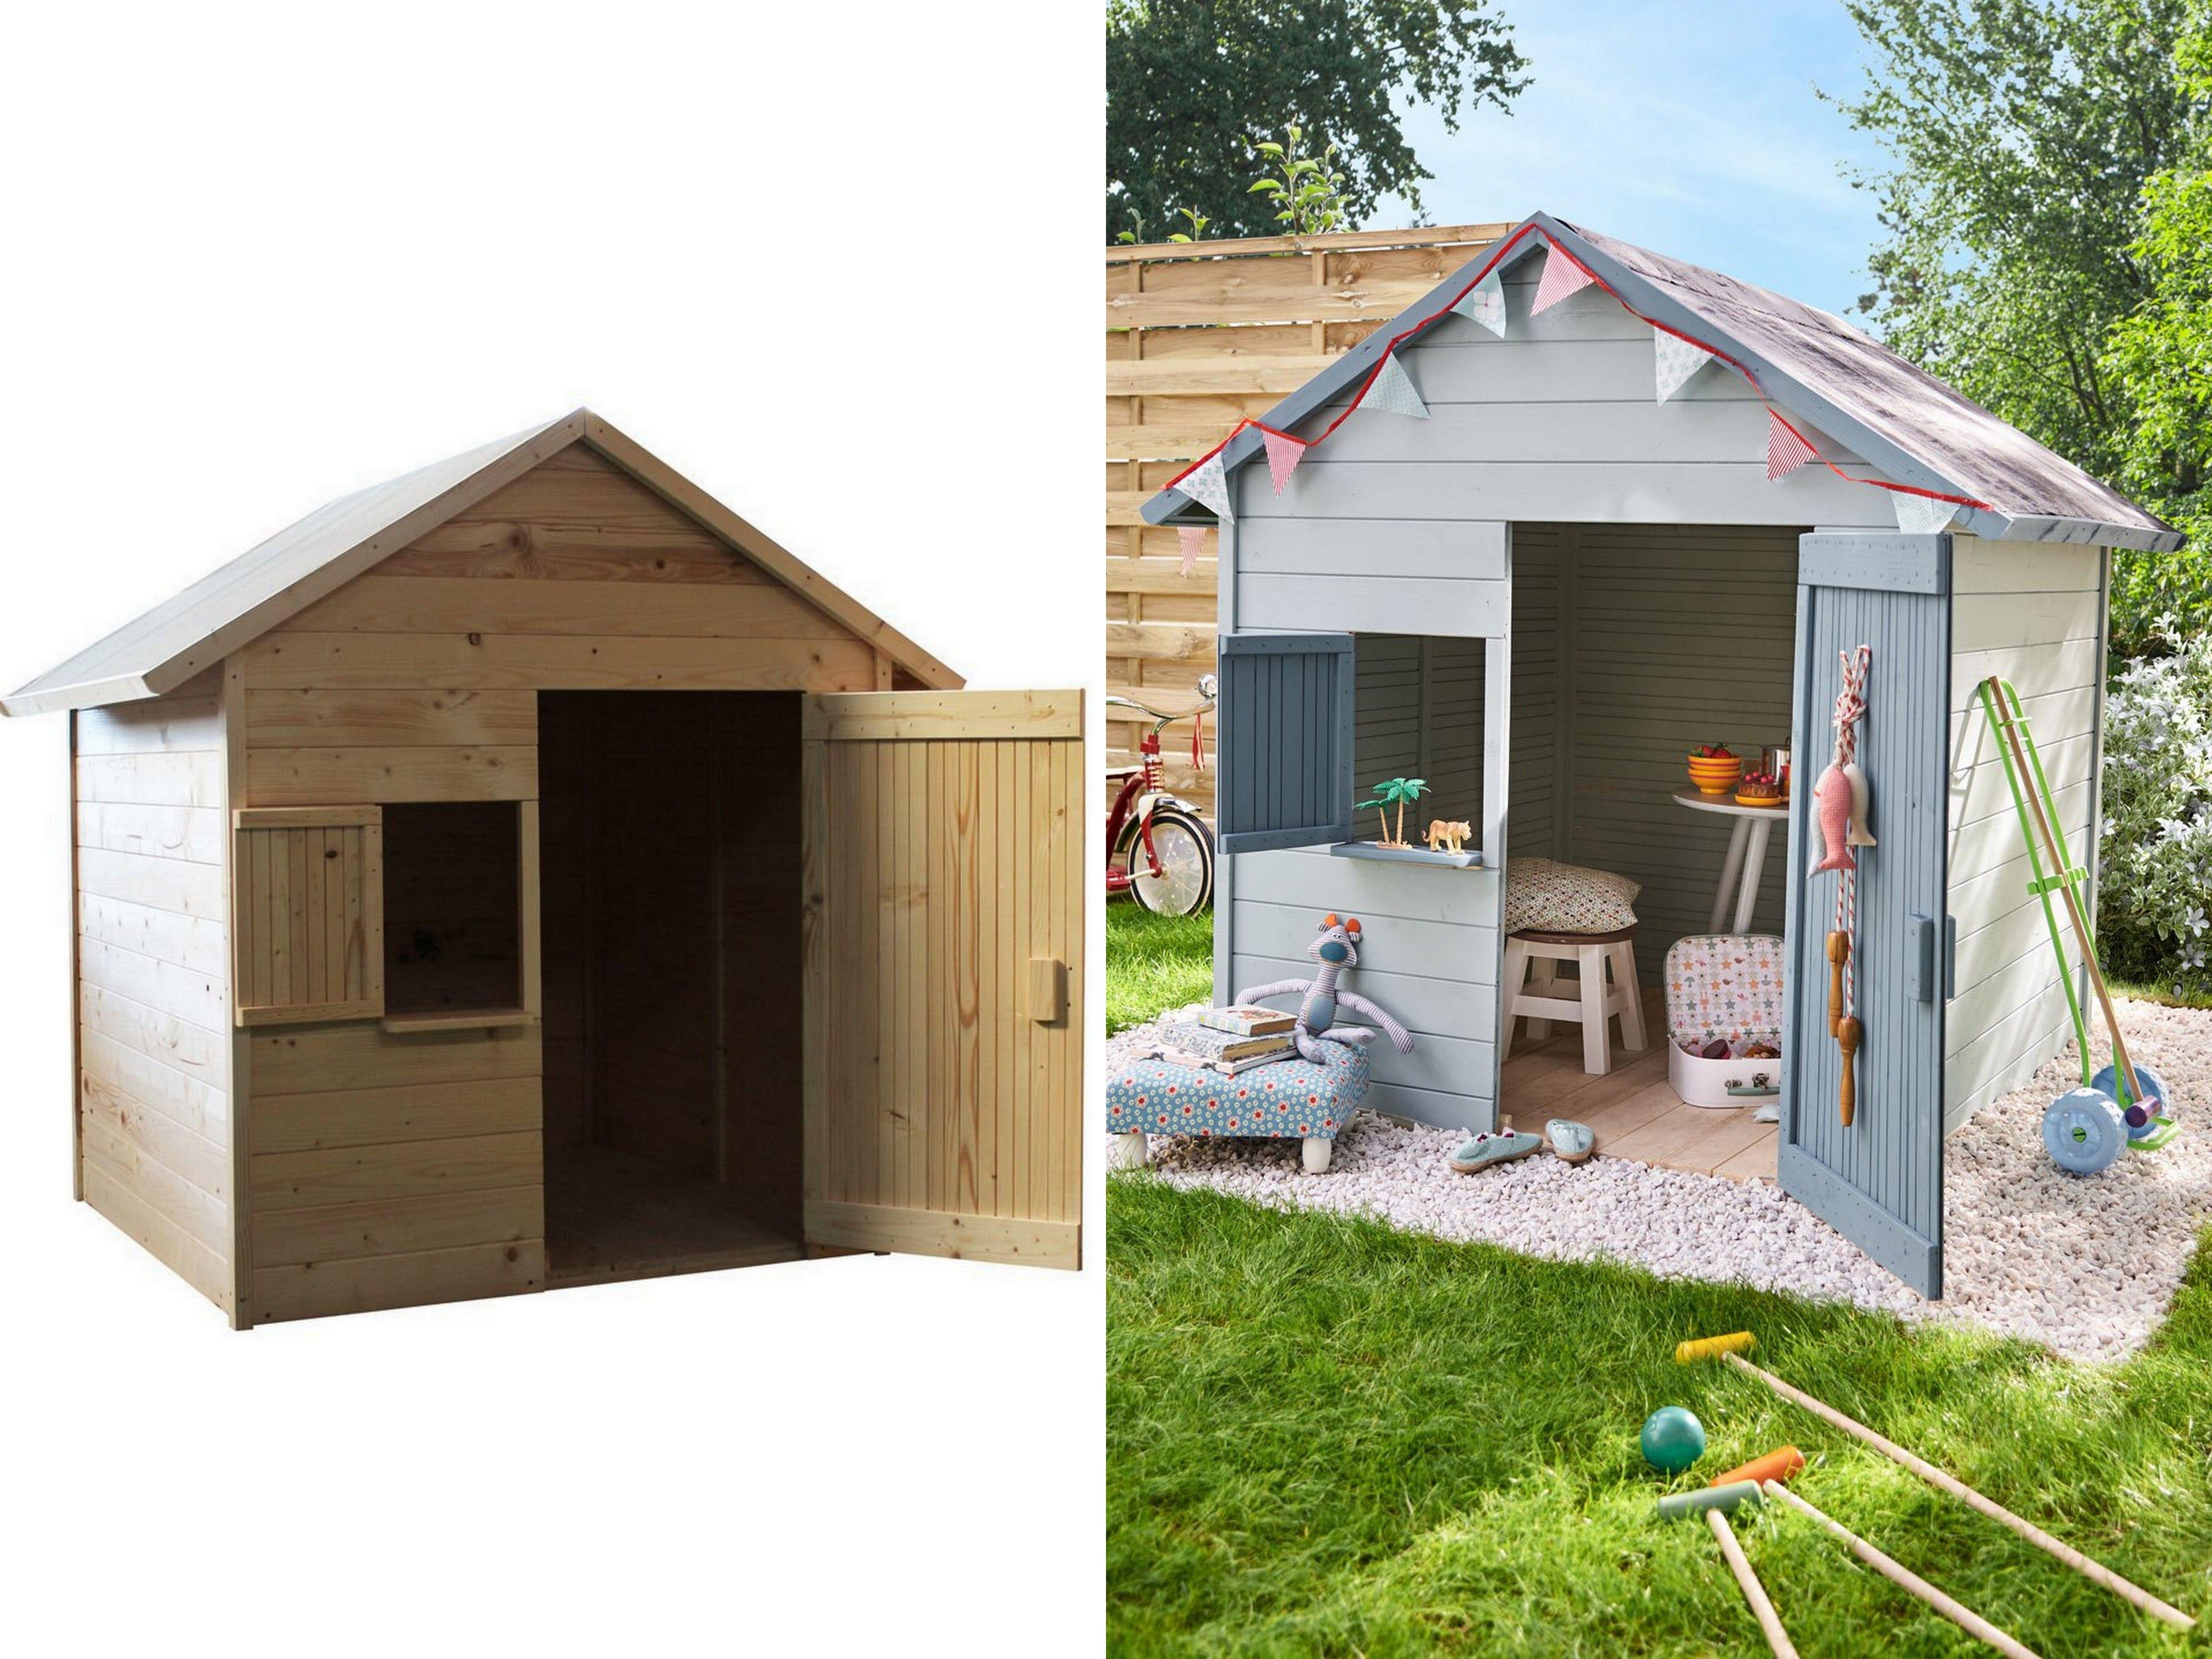 Une Cabane En Bois Pour Enfant A Prix Doux Joli Place Abri De Jardin Pvc Abri De Jardin Cabane Bois Enfant